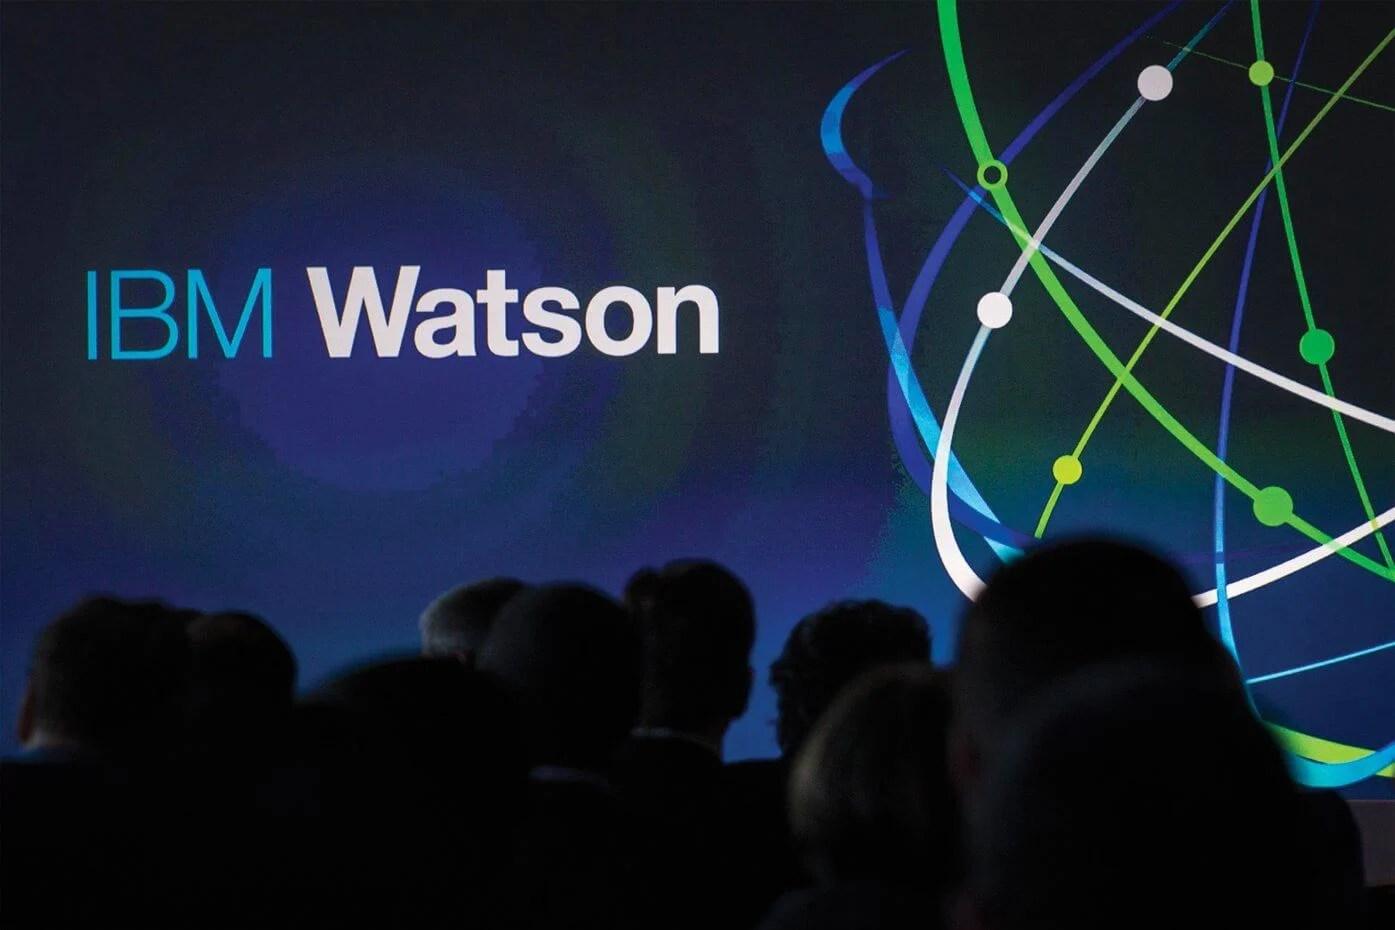 nbt0115 10 I1 - O que o IBM Watson tem a dizer sobre Gandhi, Hitler, Elon Musk, Frida e outras personalidades